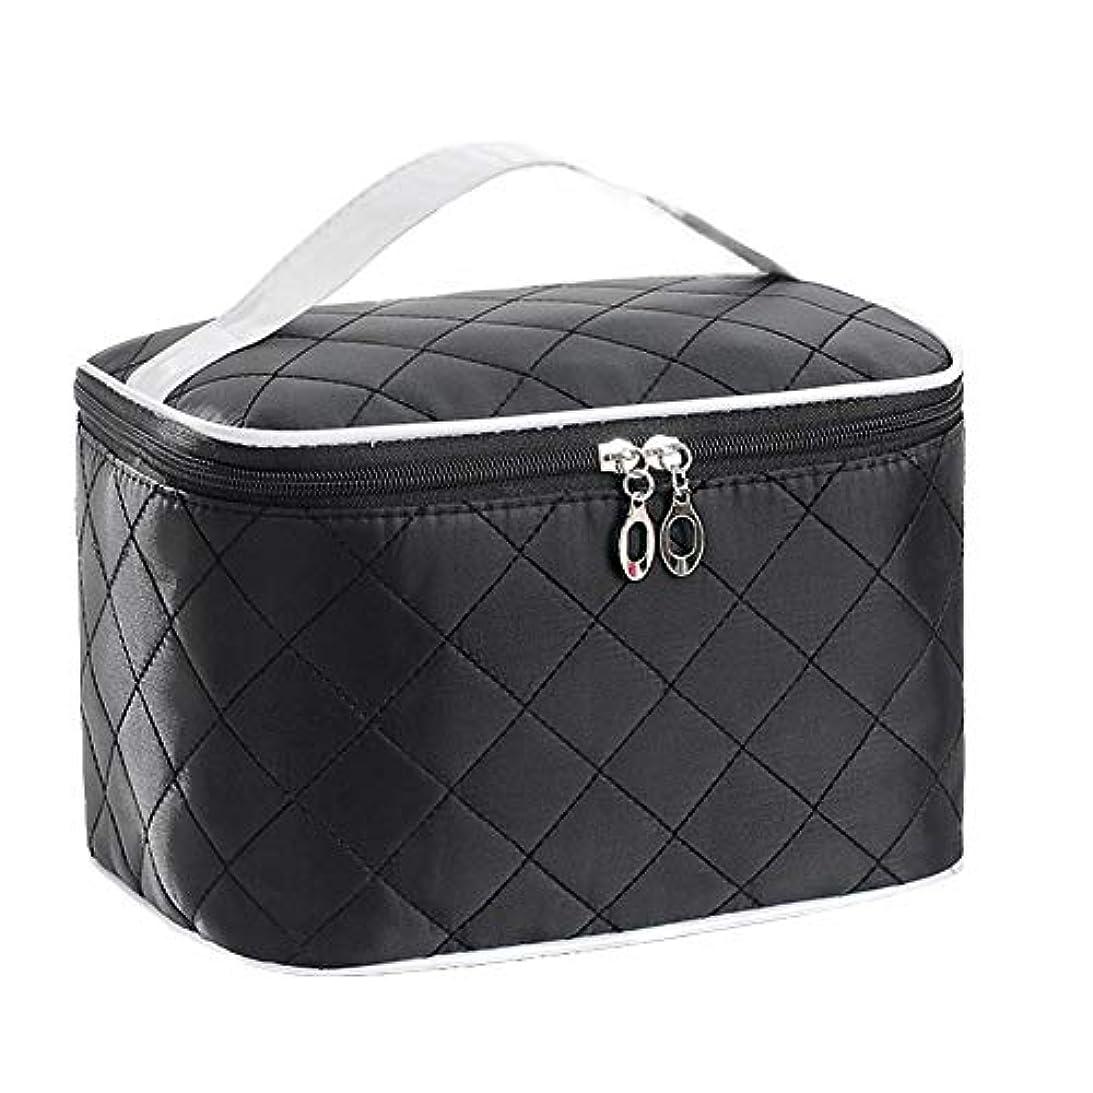 特大スペース収納ビューティーボックス 女の子の女性旅行のための新しく、実用的な携帯用化粧箱およびロックおよび皿が付いている毎日の貯蔵 化粧品化粧台 (色 : ブラック)